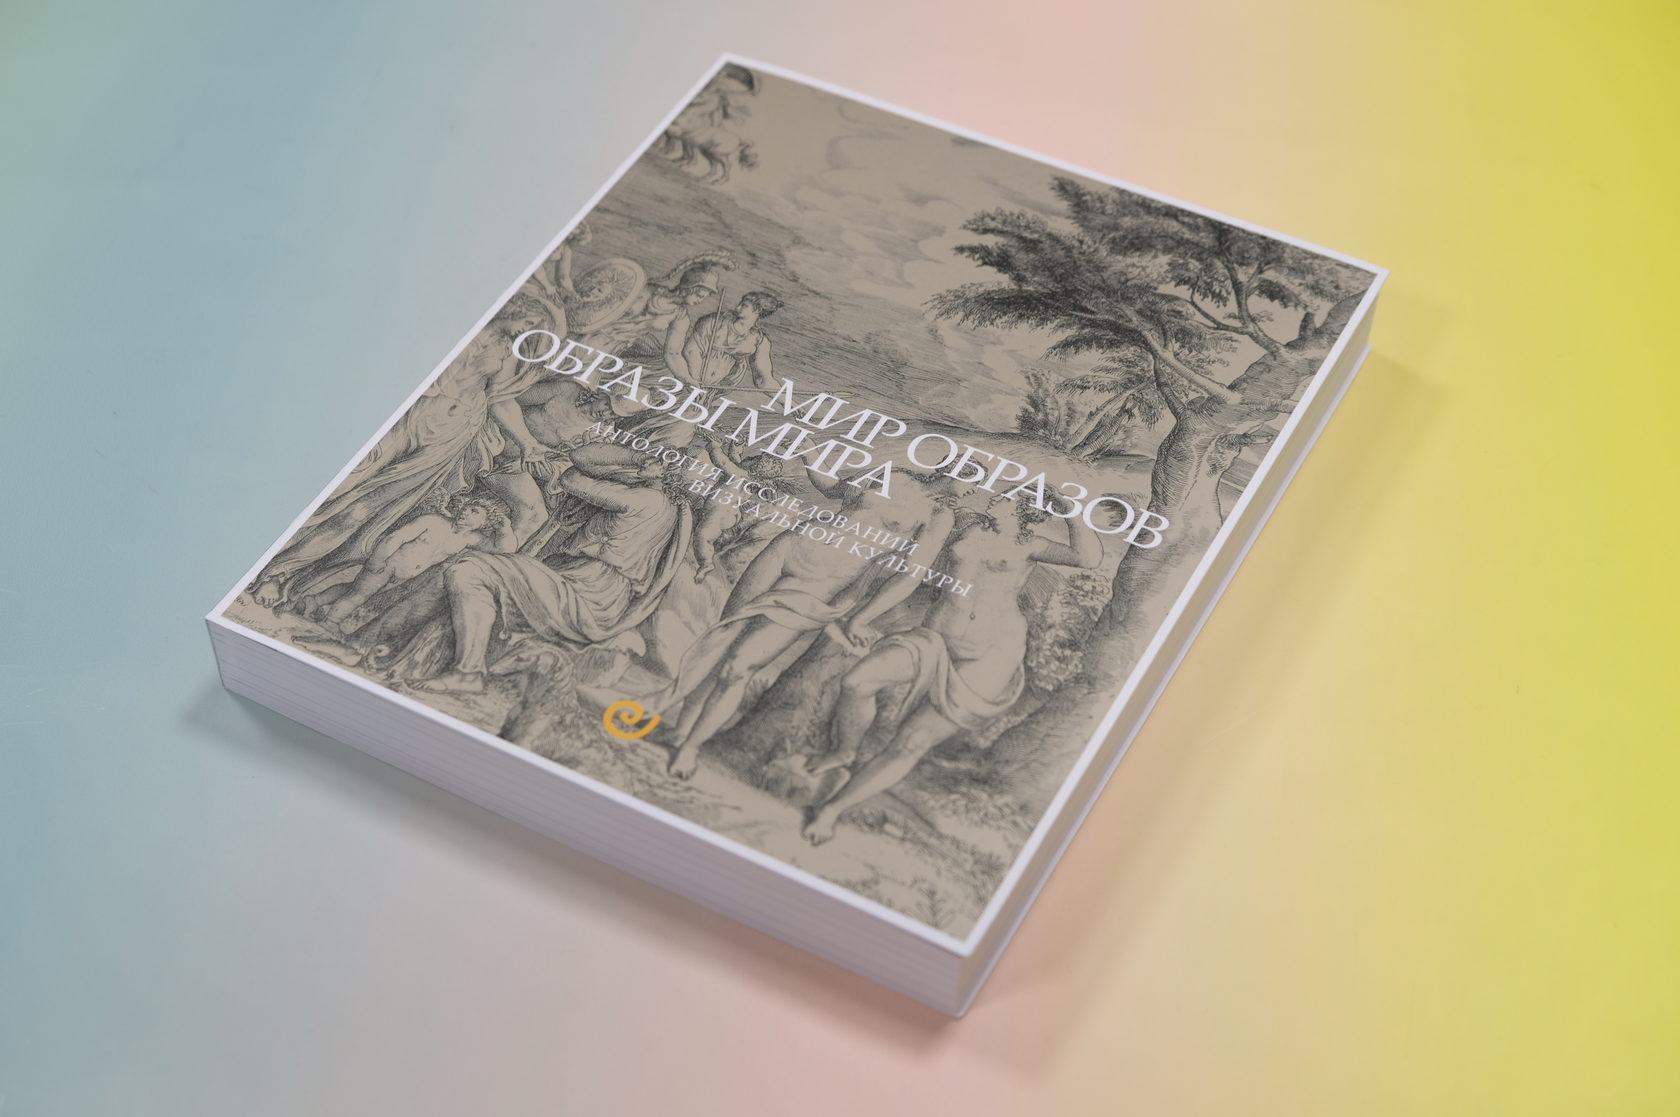 «Мир Образов. Образы Мира. Антология иссследований визуальной культуры»  978-5-98379-228-9